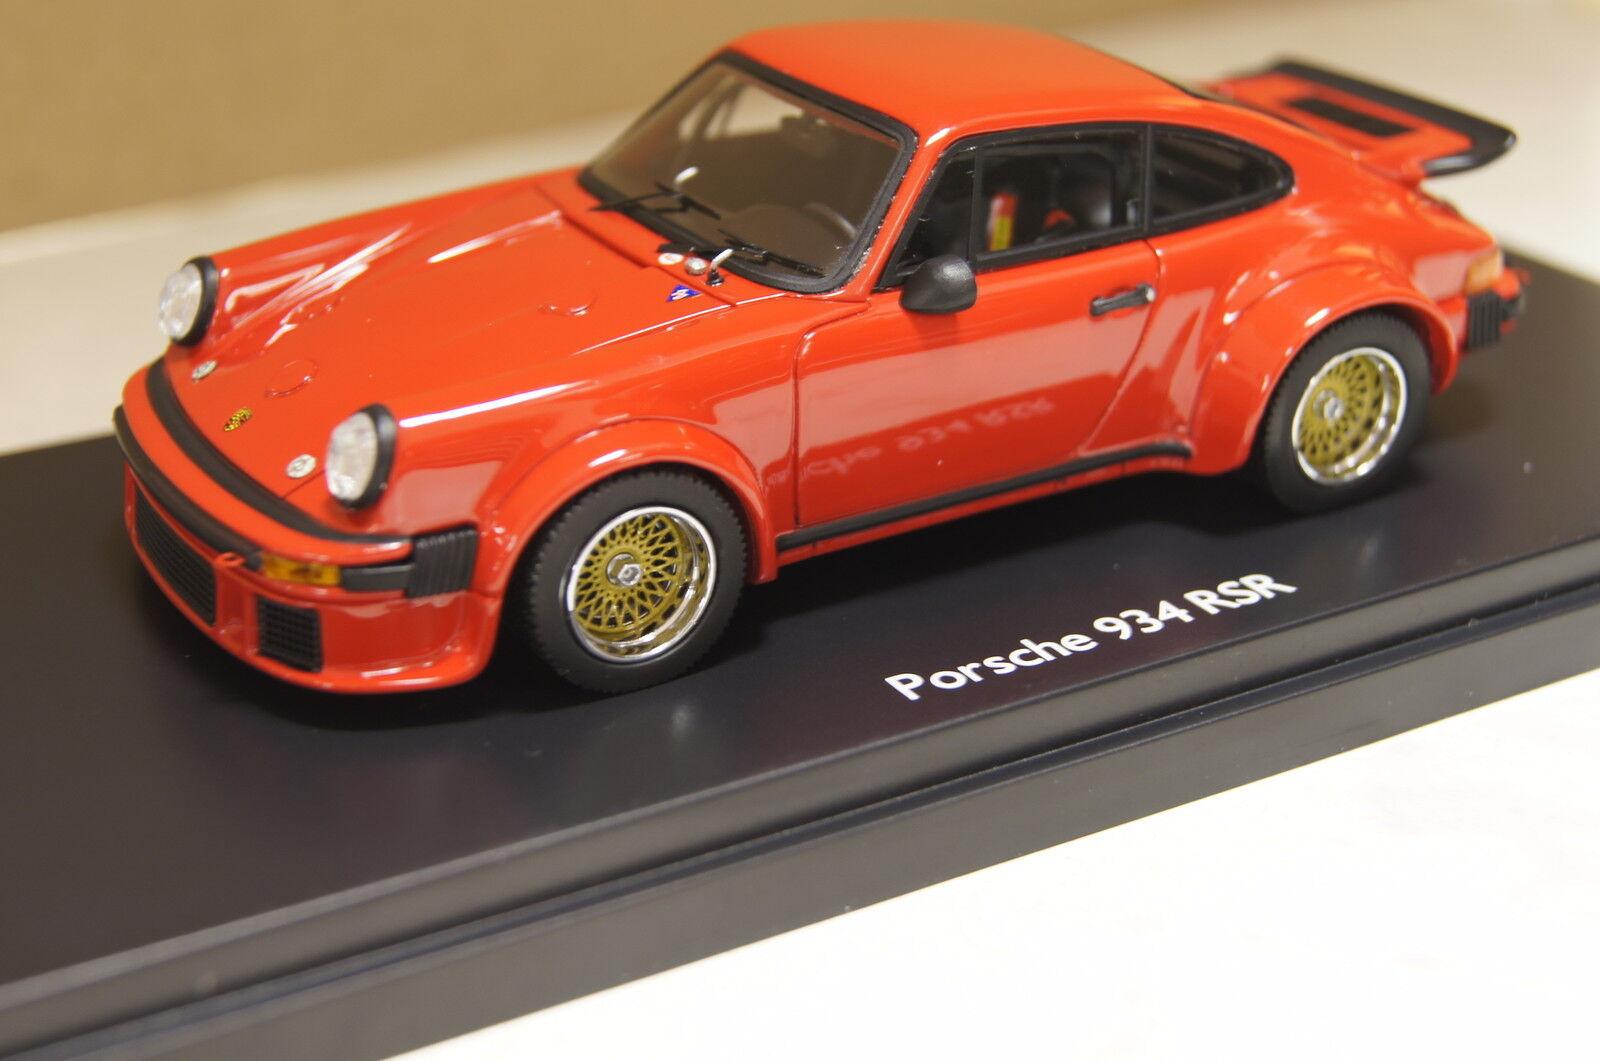 Porsche 934 rsr verrotten 1 43 schuco   pro.r.43 neu & ovp